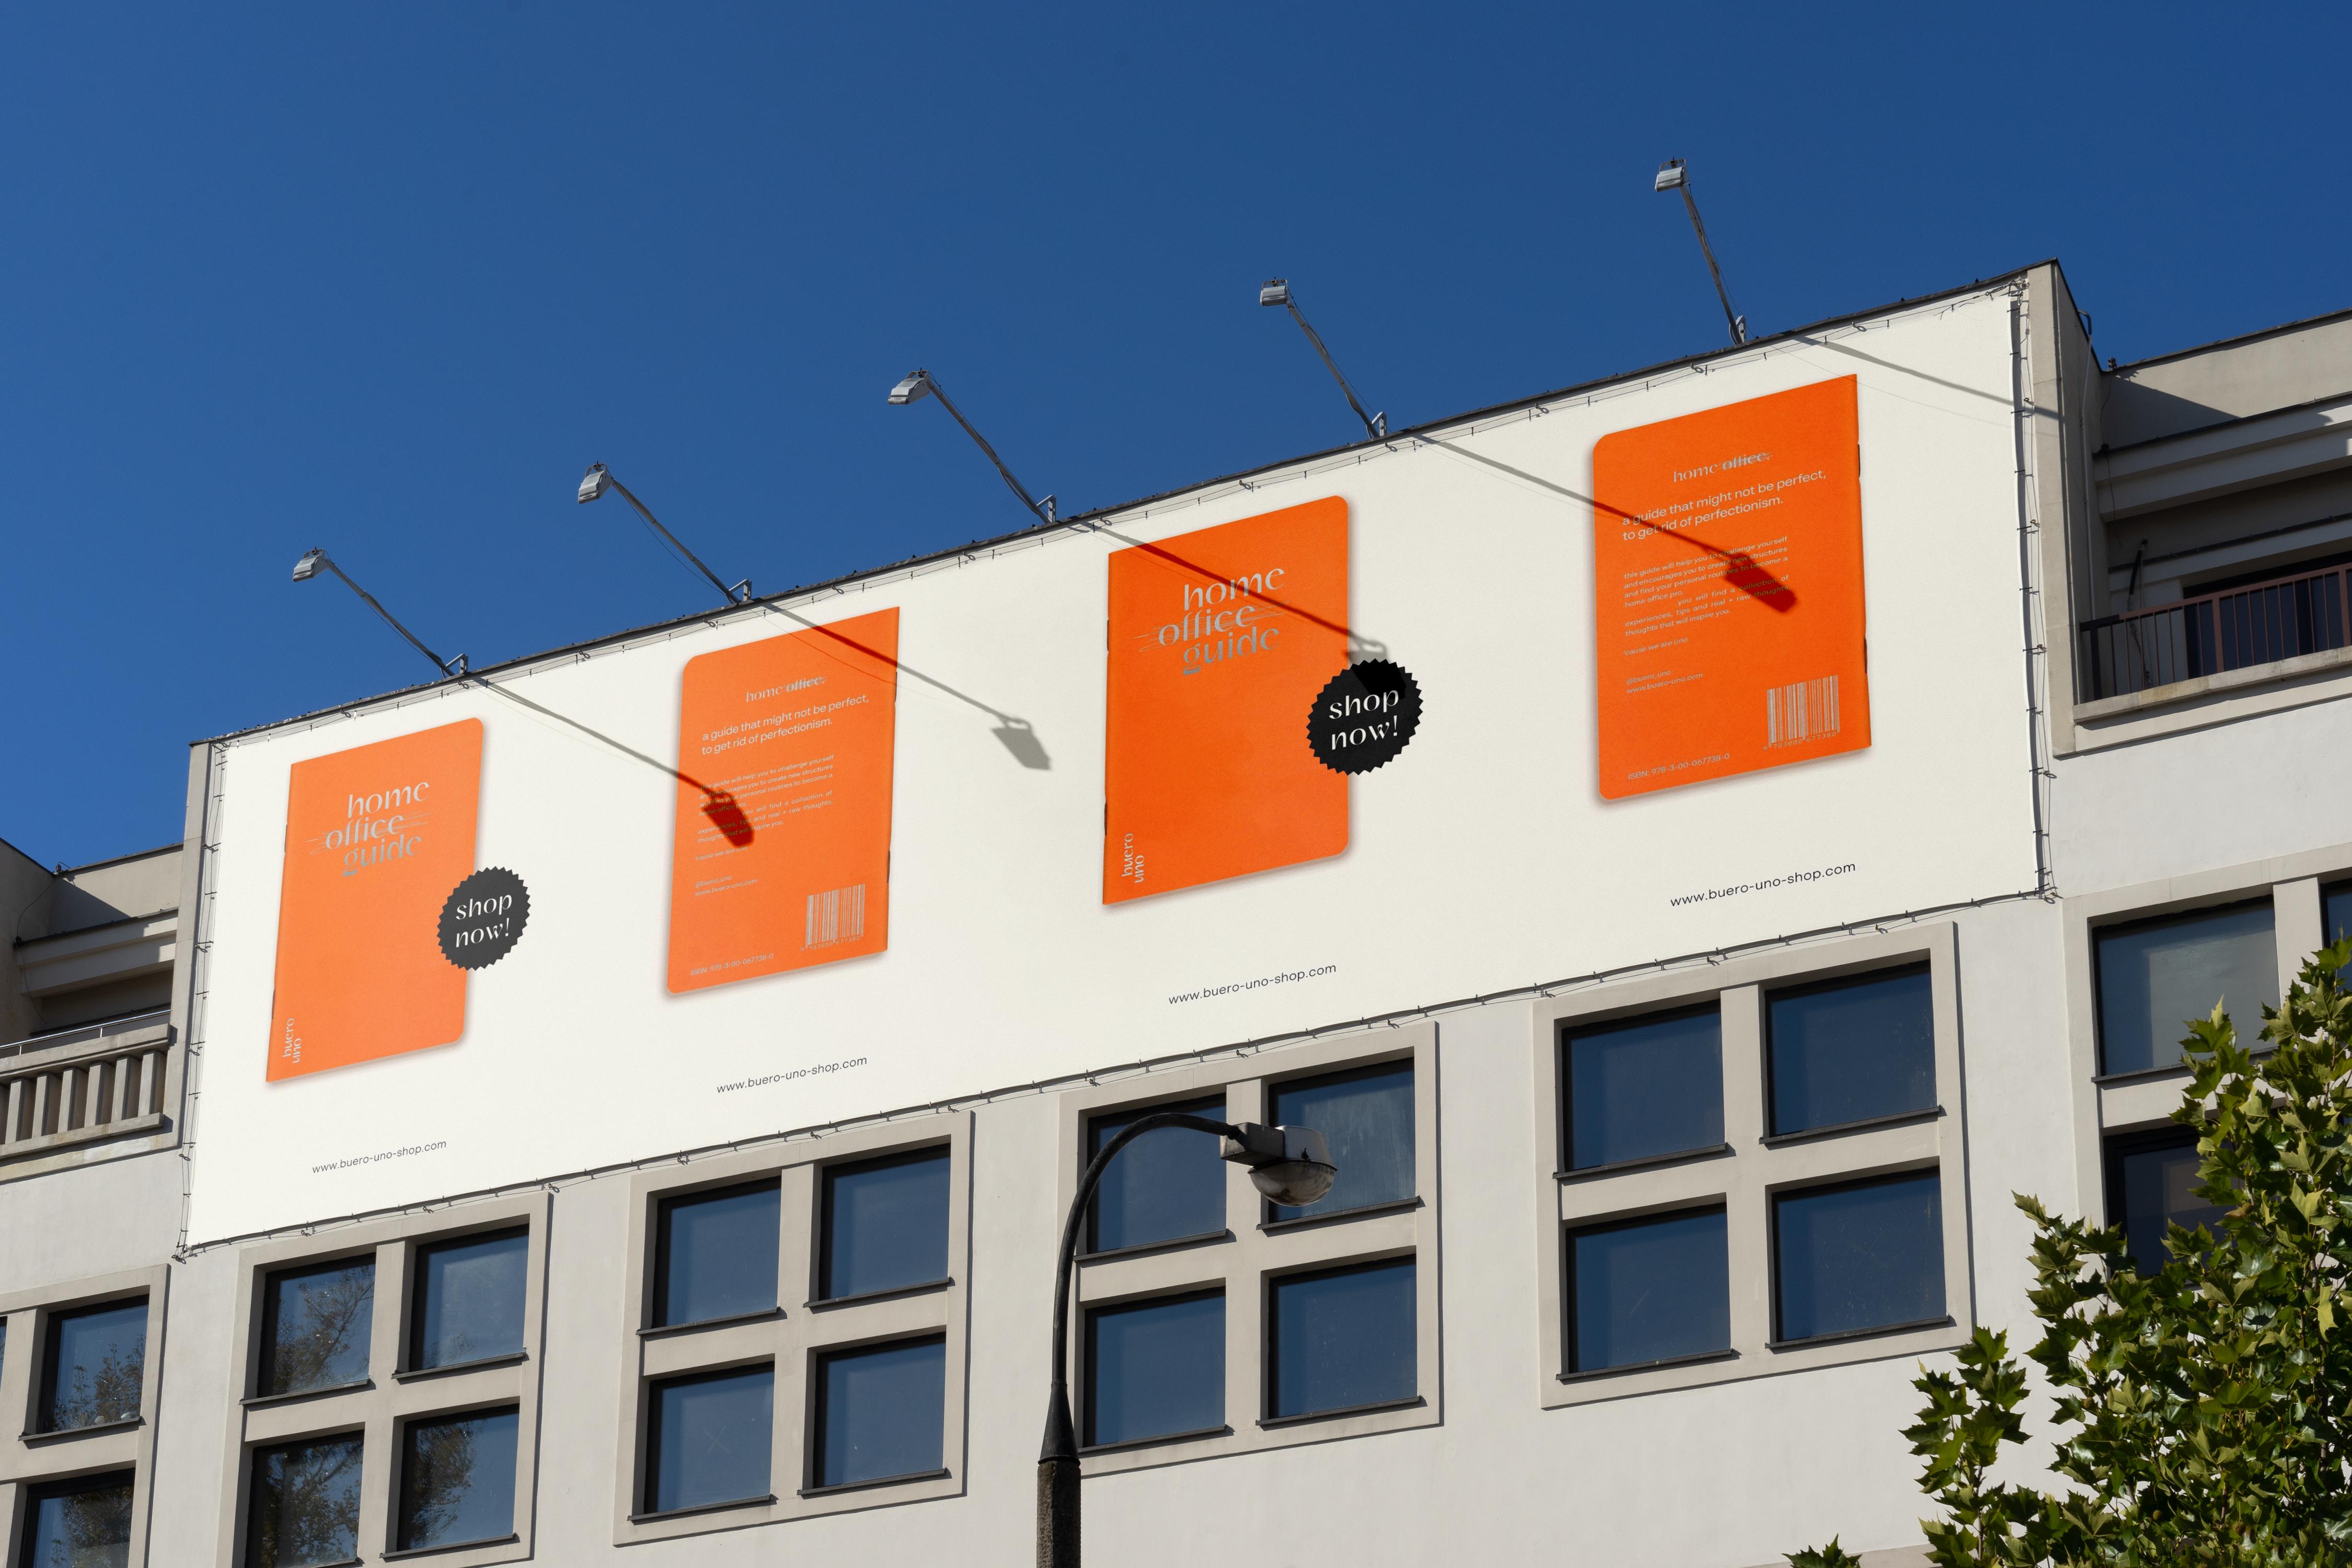 Billboard_Home_office_guide_buero-uno